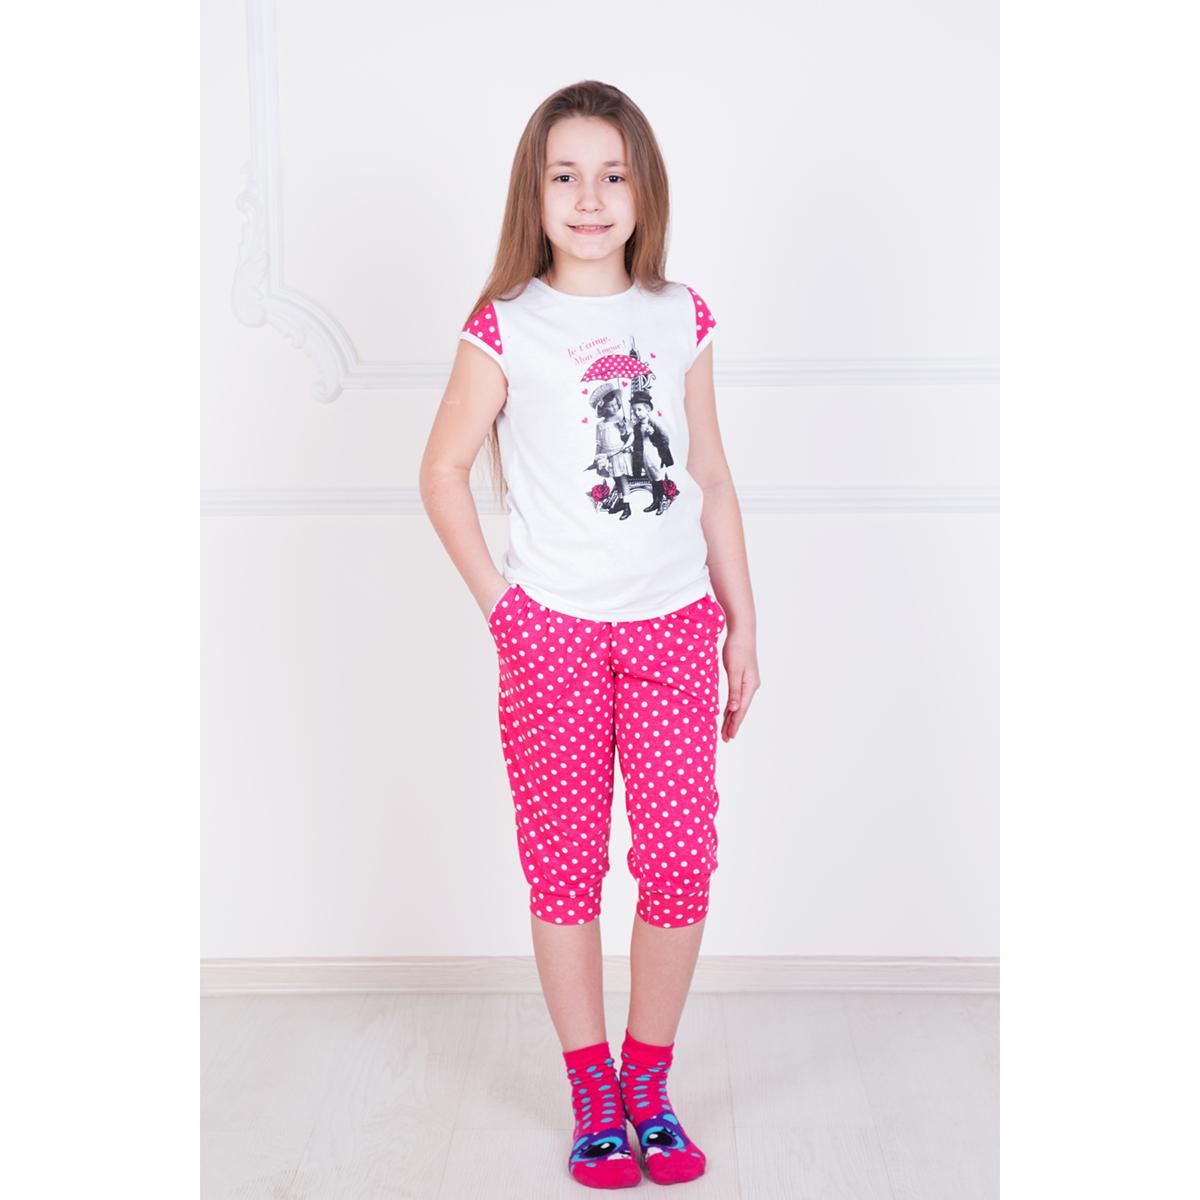 Детский костюм Зонтик, 3 годаРаспродажа товаров<br>Обхват груди: 56 см <br>Рост: 92-98 см<br><br>Тип: Дет. костюм<br>Размер: 3 года<br>Материал: Кулирка